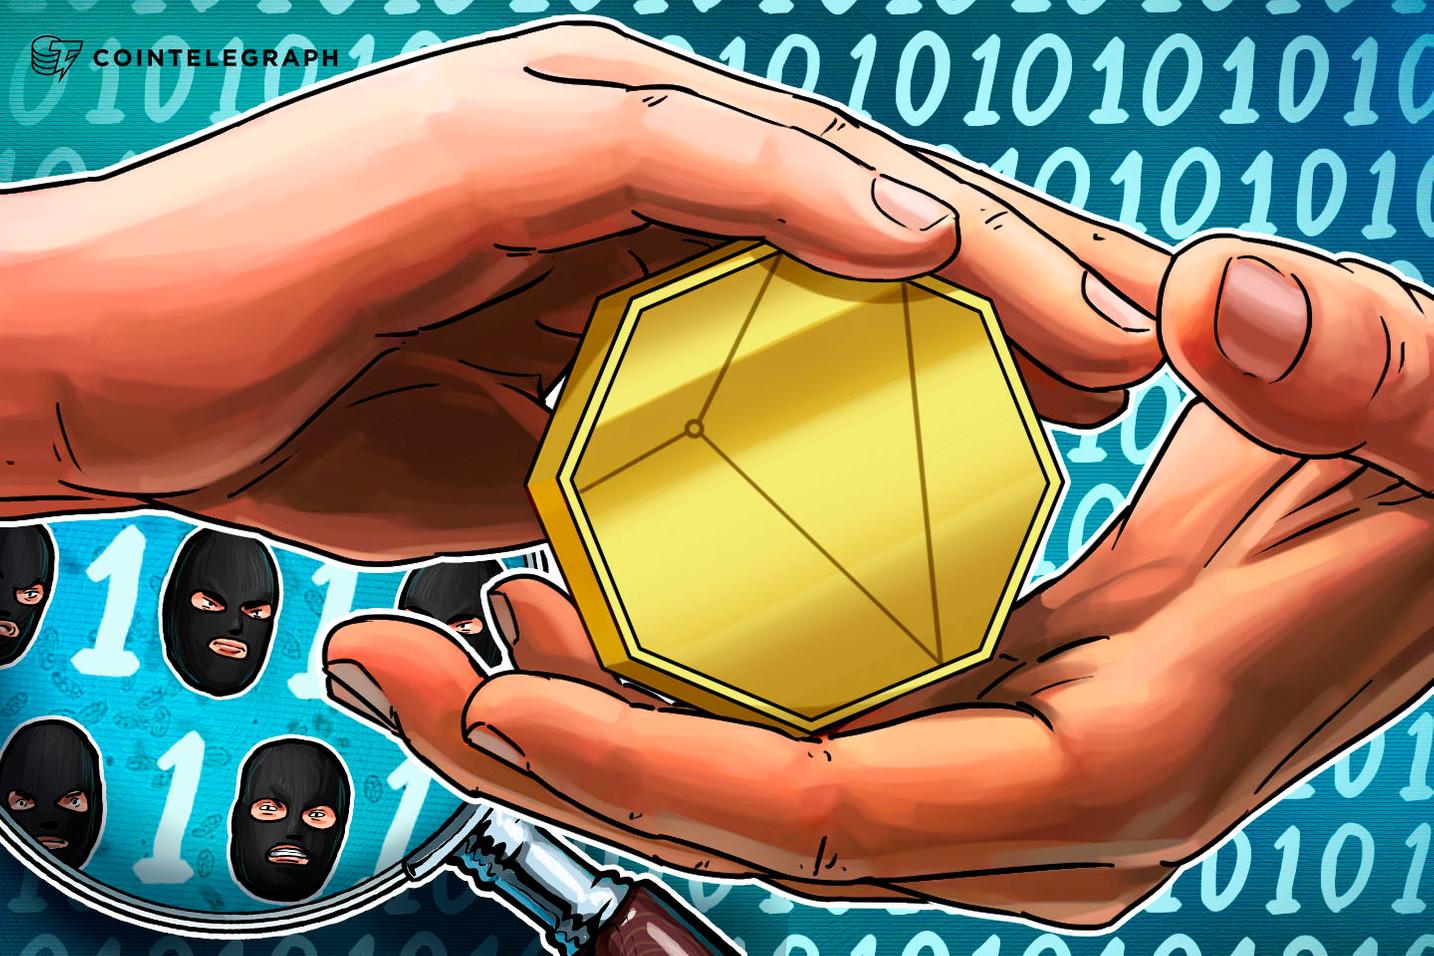 Gehackte südkoreanische Kryptobörse Bithump bestätigt die Entschädigung von betroffenen Nutzern